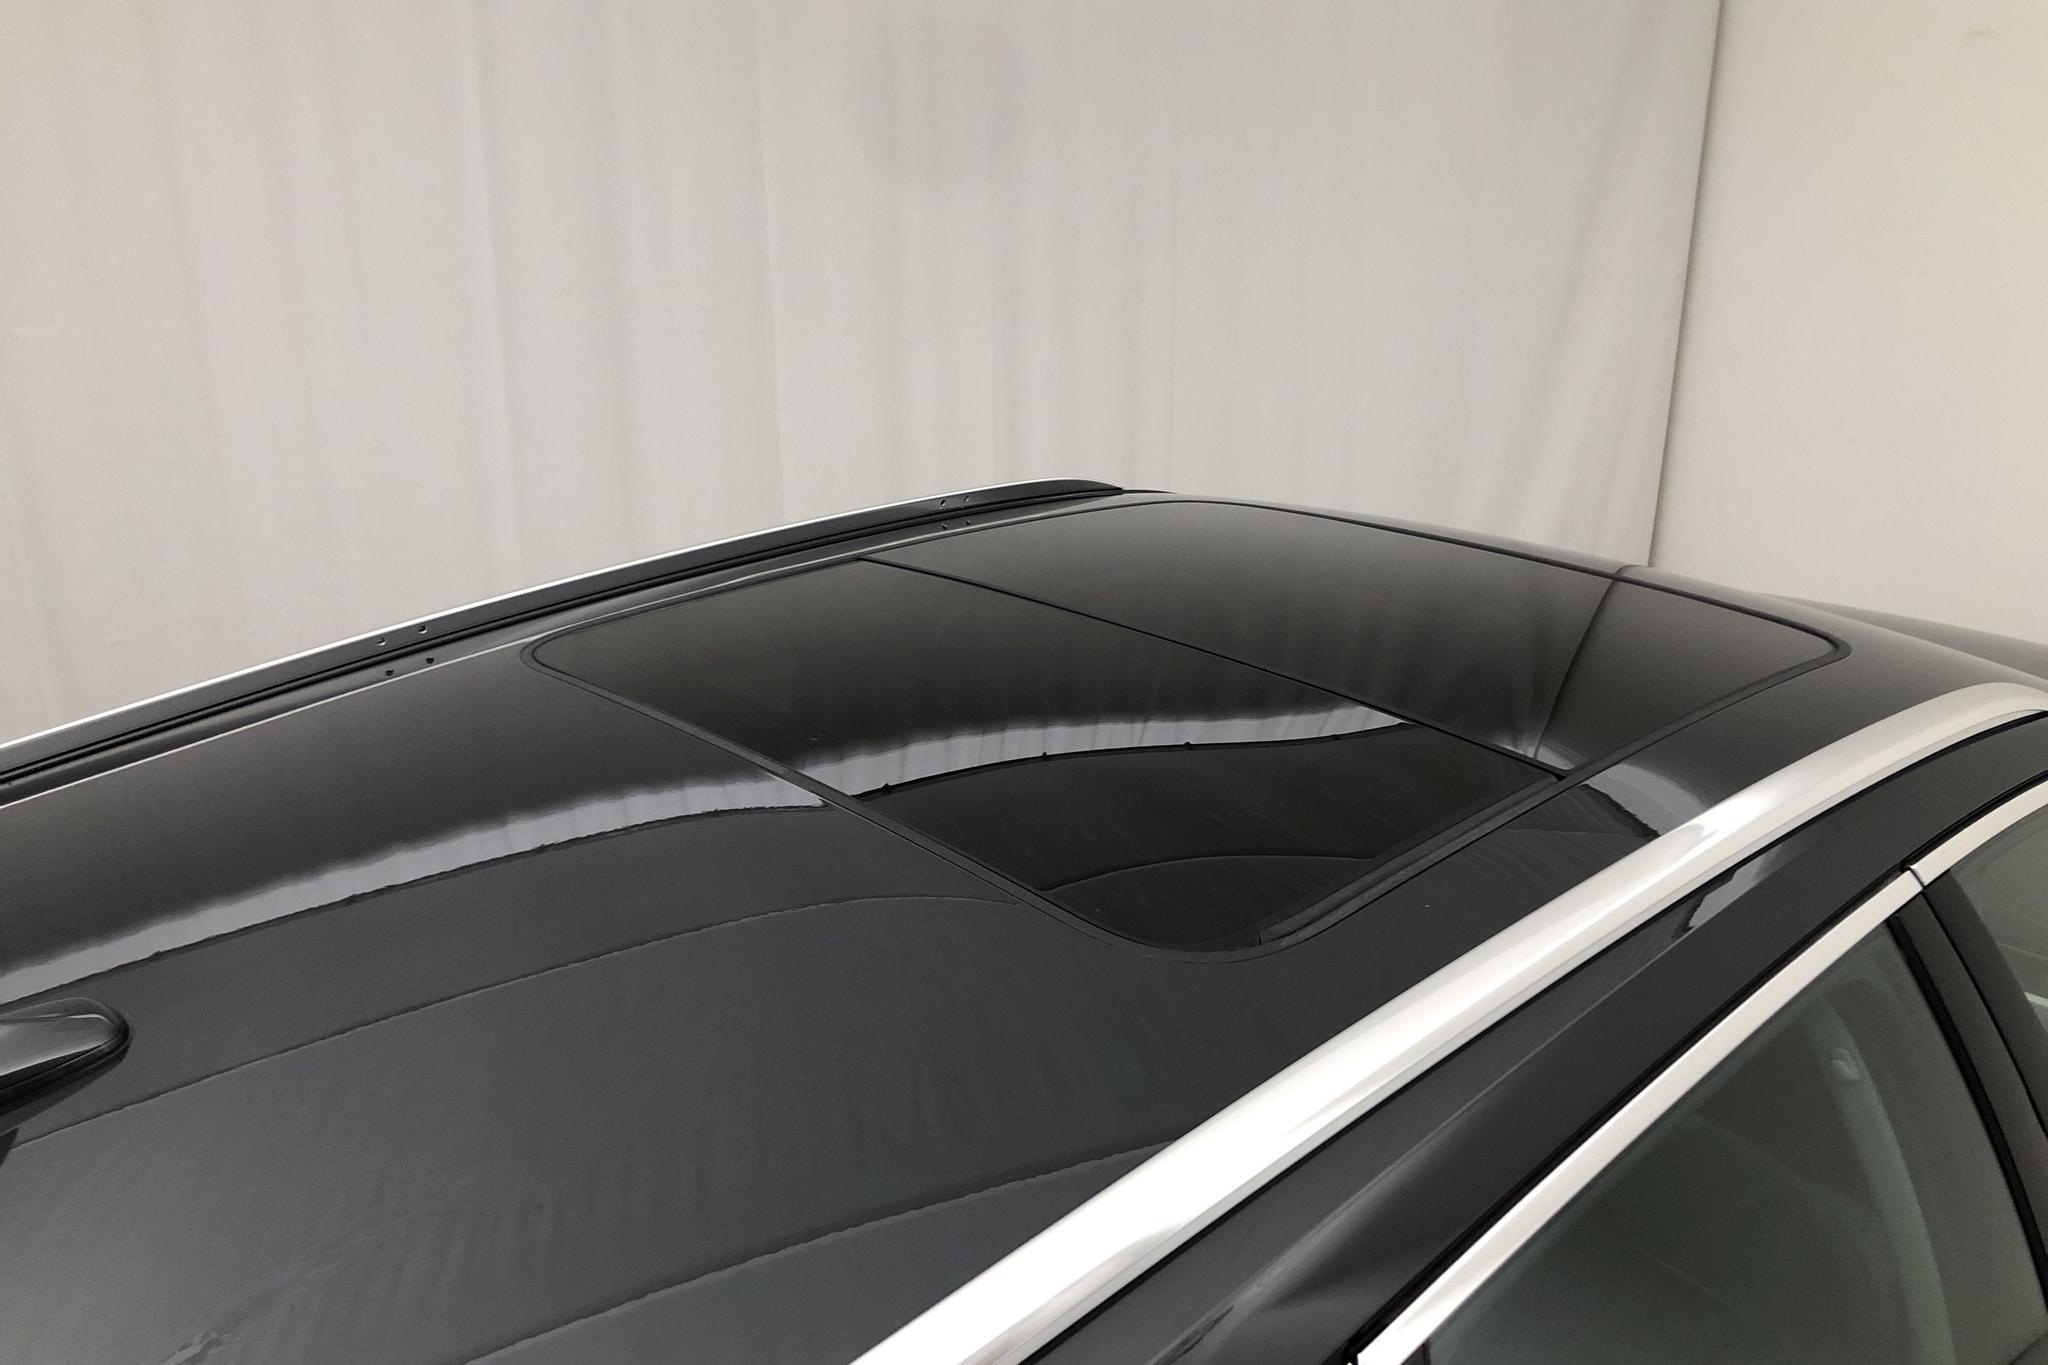 Audi A4 2.0 TDI Avant (190hk) - 3 396 mil - Manuell - grå - 2017